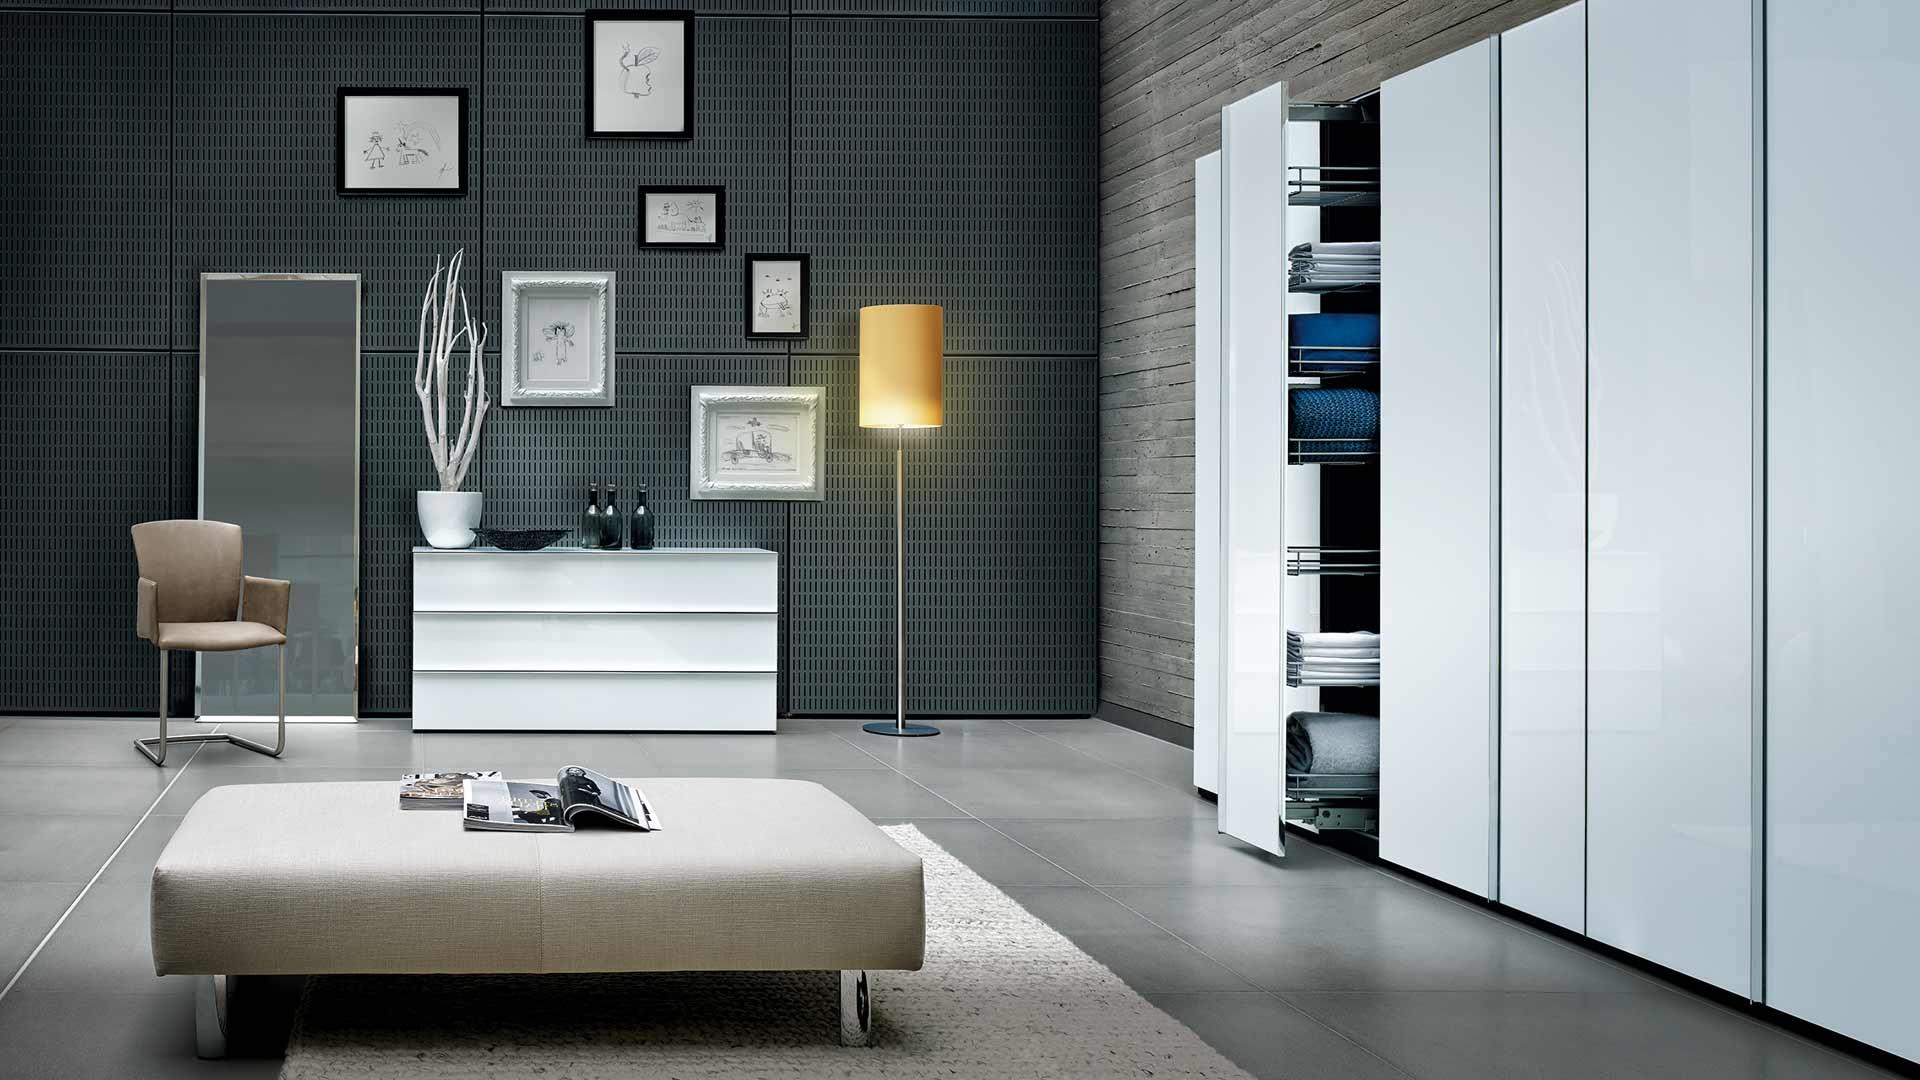 contur 0700 von contur einrichtungen in wasserburg hege nahe lindau und friedrichshafen. Black Bedroom Furniture Sets. Home Design Ideas